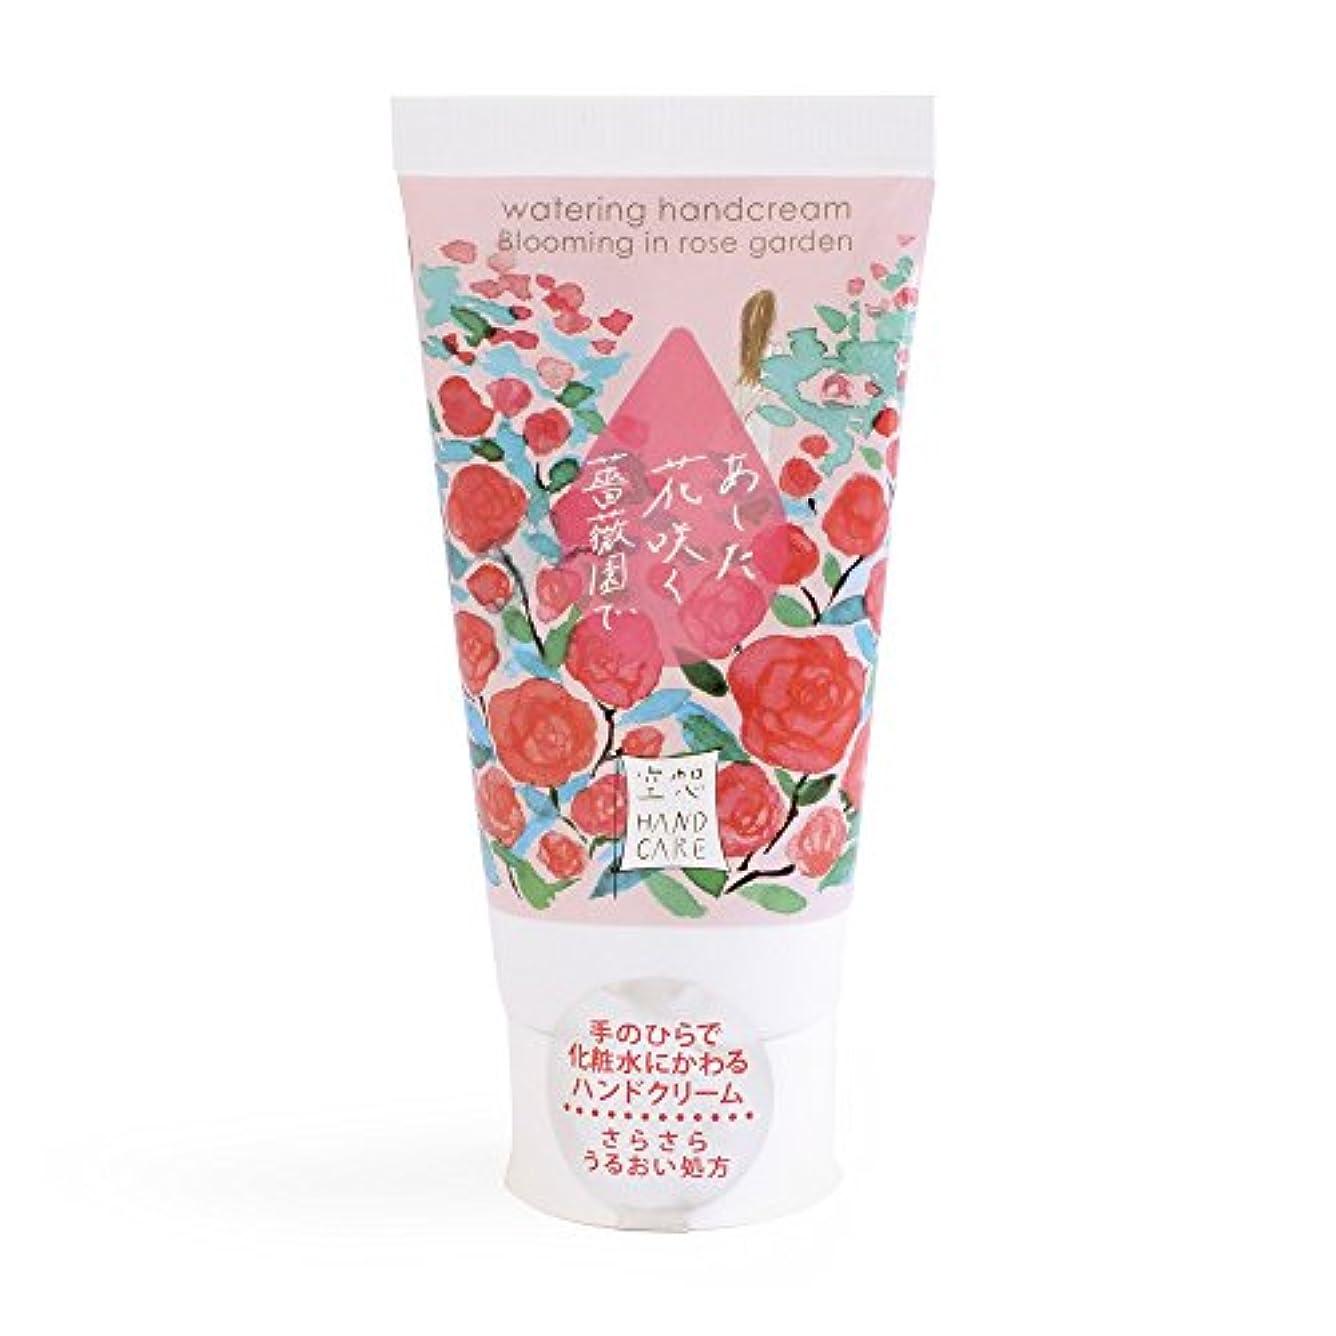 比類のない組み立てるぶどう空想ウォータリングハンドクリーム あした花咲く薔薇園で